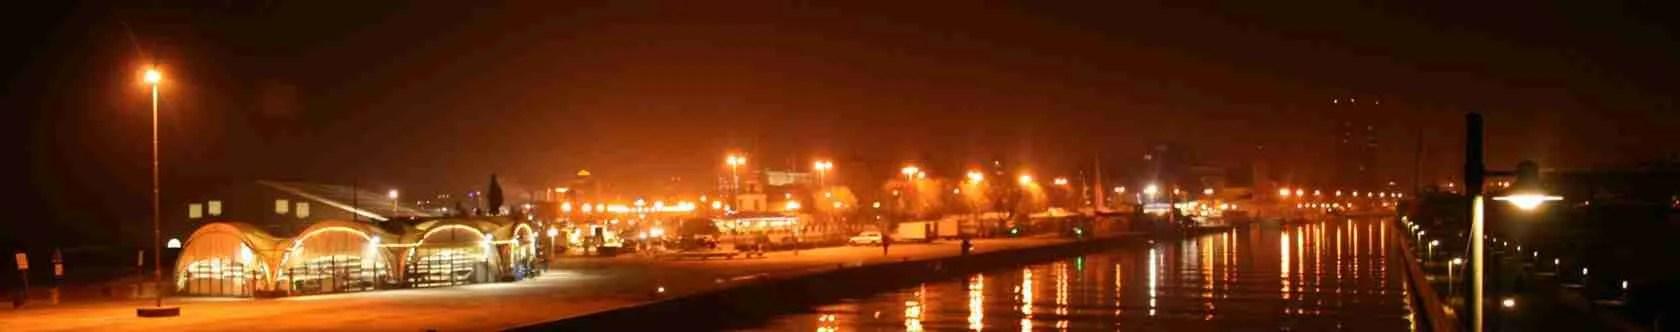 Passeggiata romantica sul molo di Rimini in compagnia di una top class escort a Rimini. Magica Escort